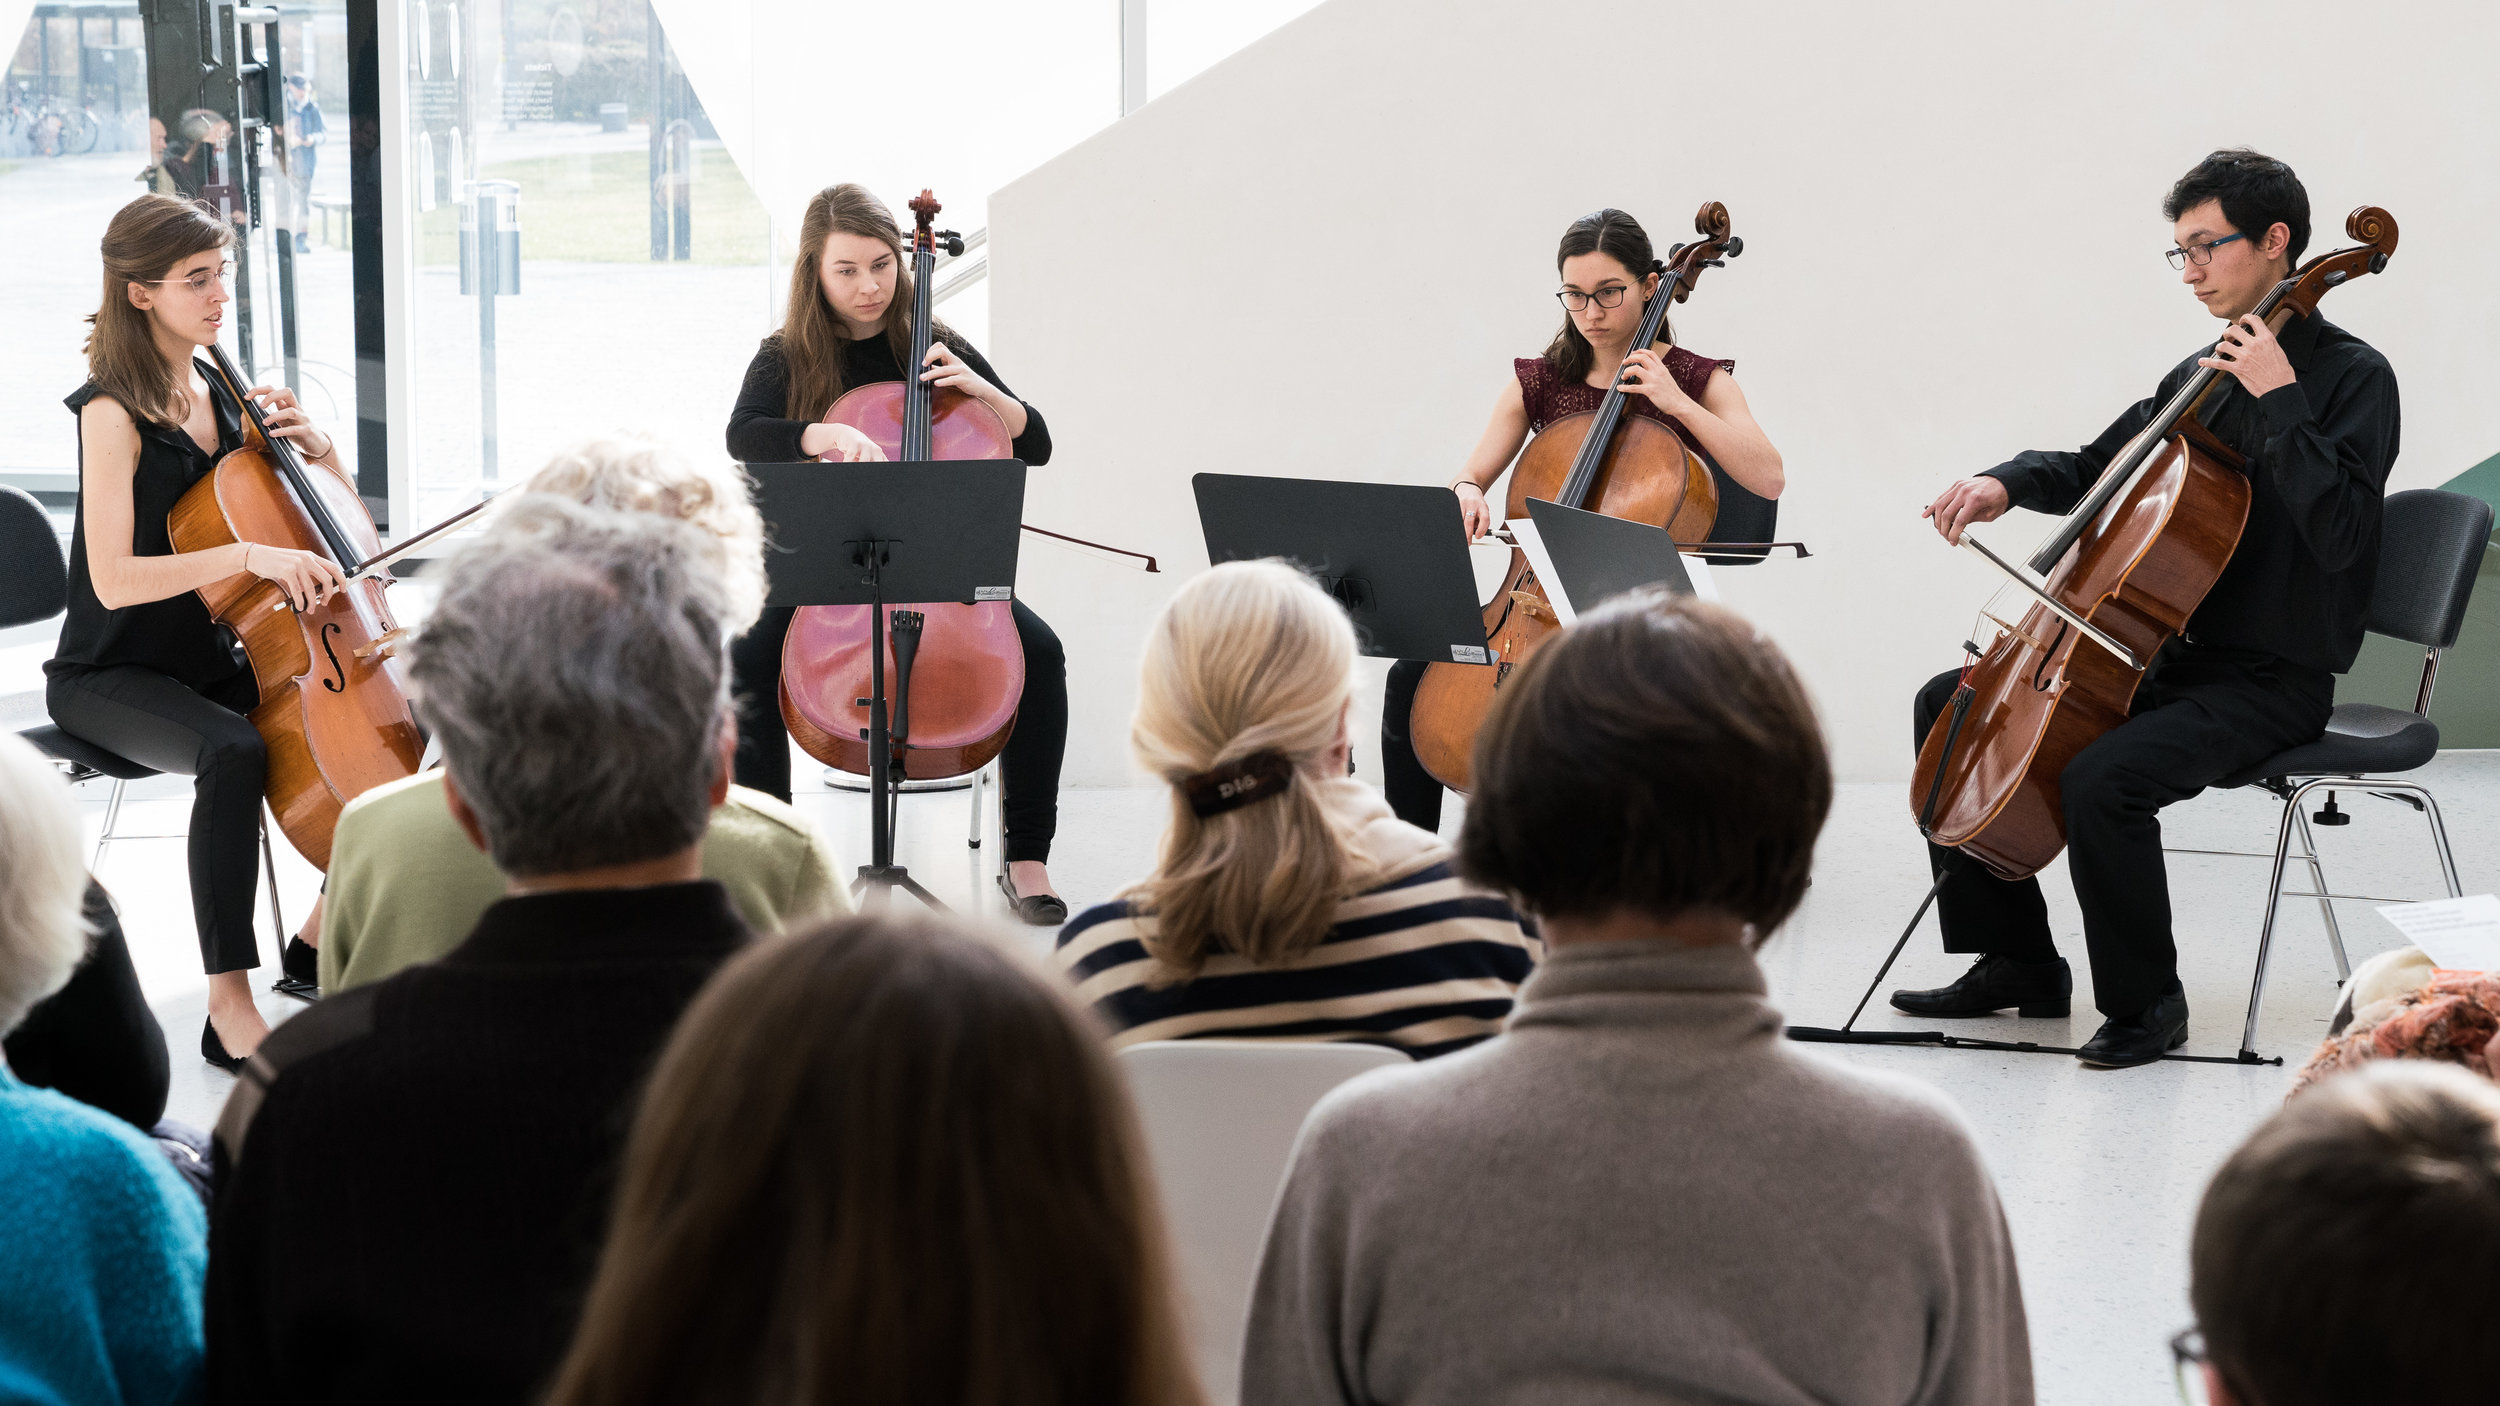 Konzert am Mittag - Cello20180206_013-036.jpg